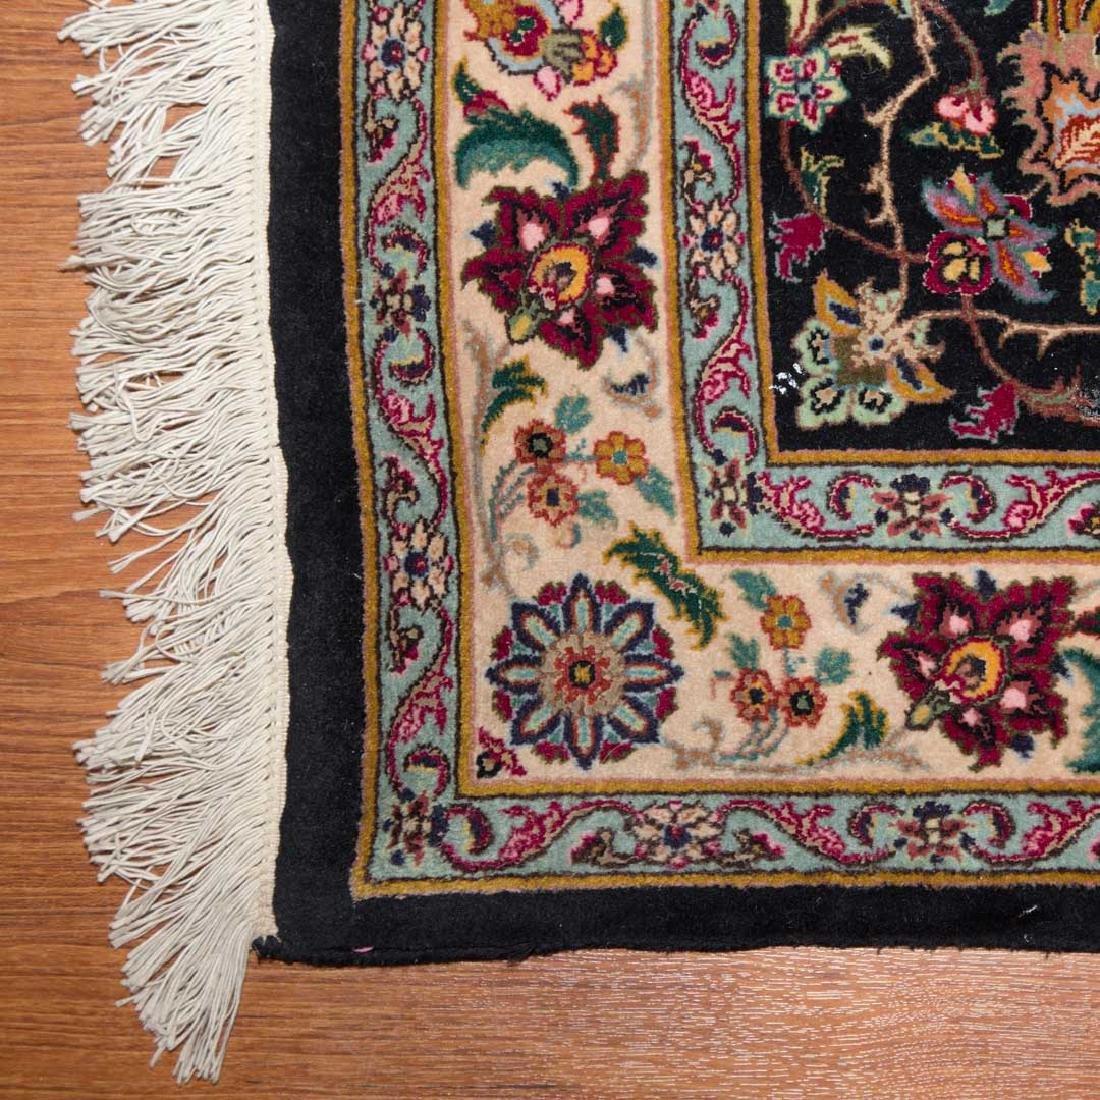 Fine Persian Tabriz carpet, approx. 11.4 x 16.4 - 2